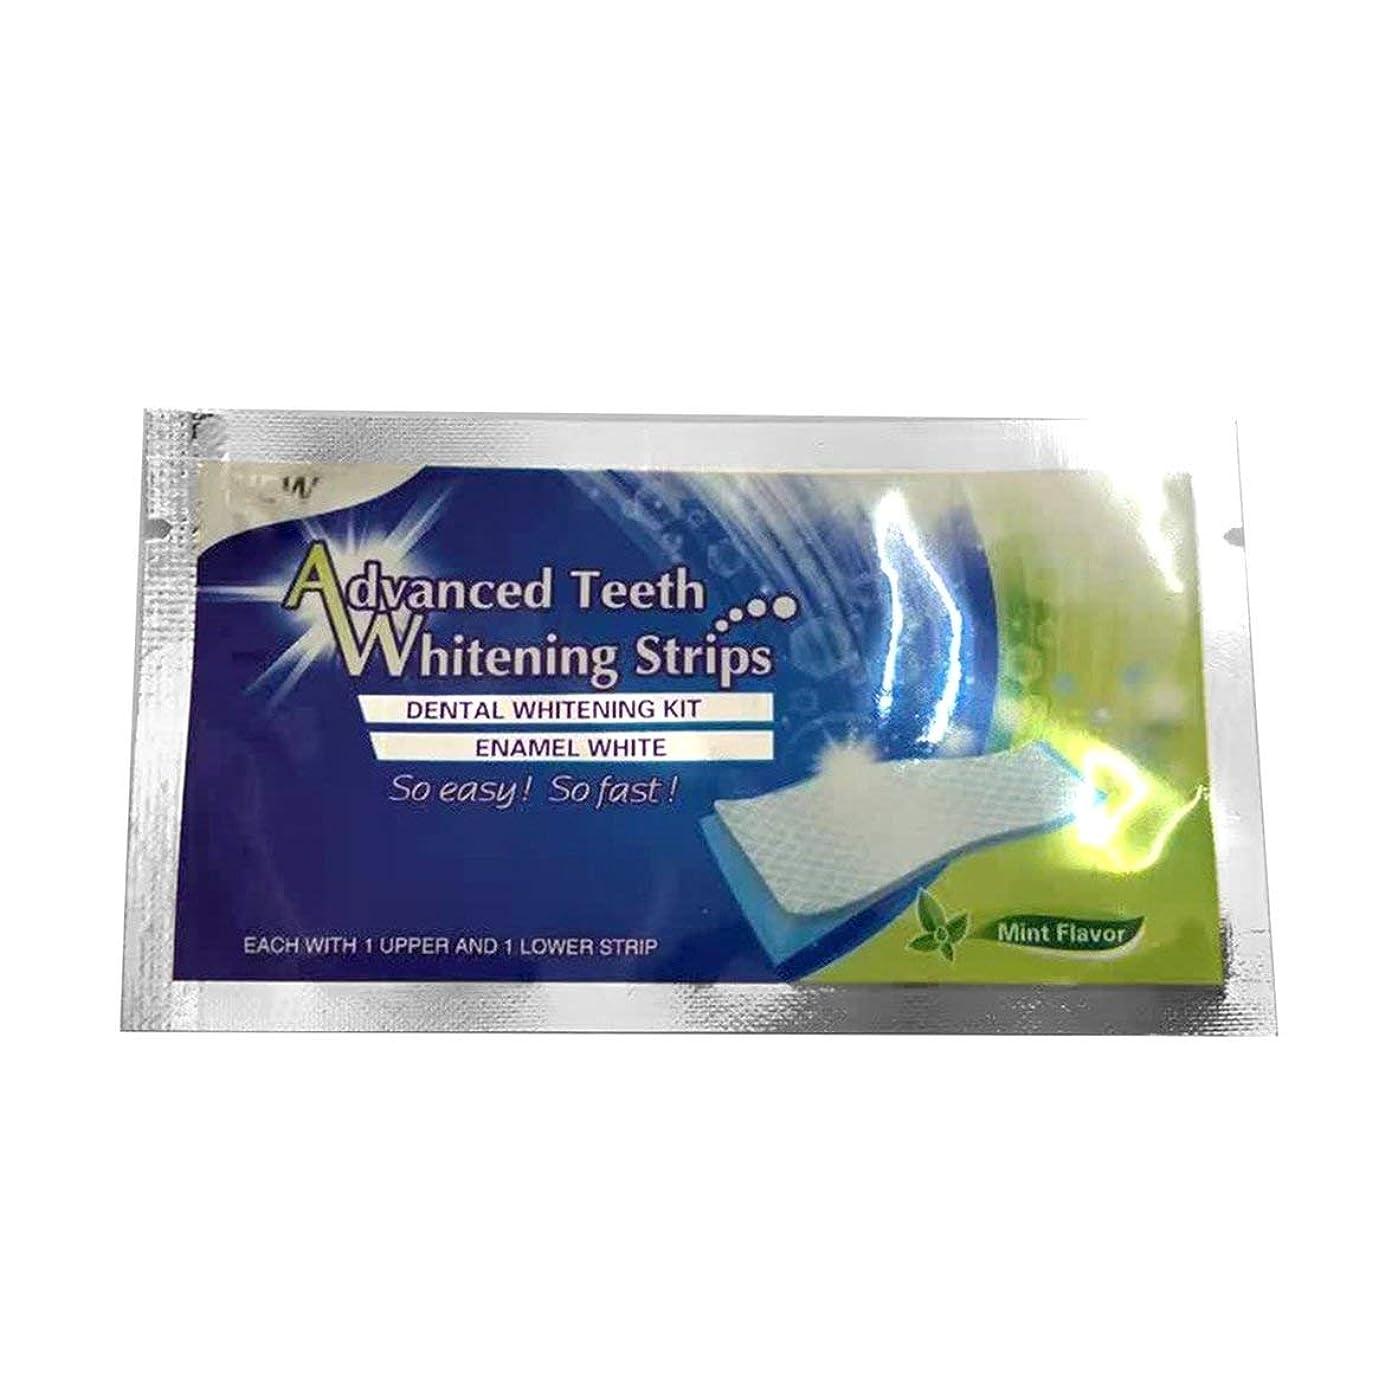 アルカイックいちゃつく繁雑テープホワイトニングストリップホワイトテープ歯ホワイトニングプロフェッショナルホワイトニングアドバンストブリーチテープ - ホワイト